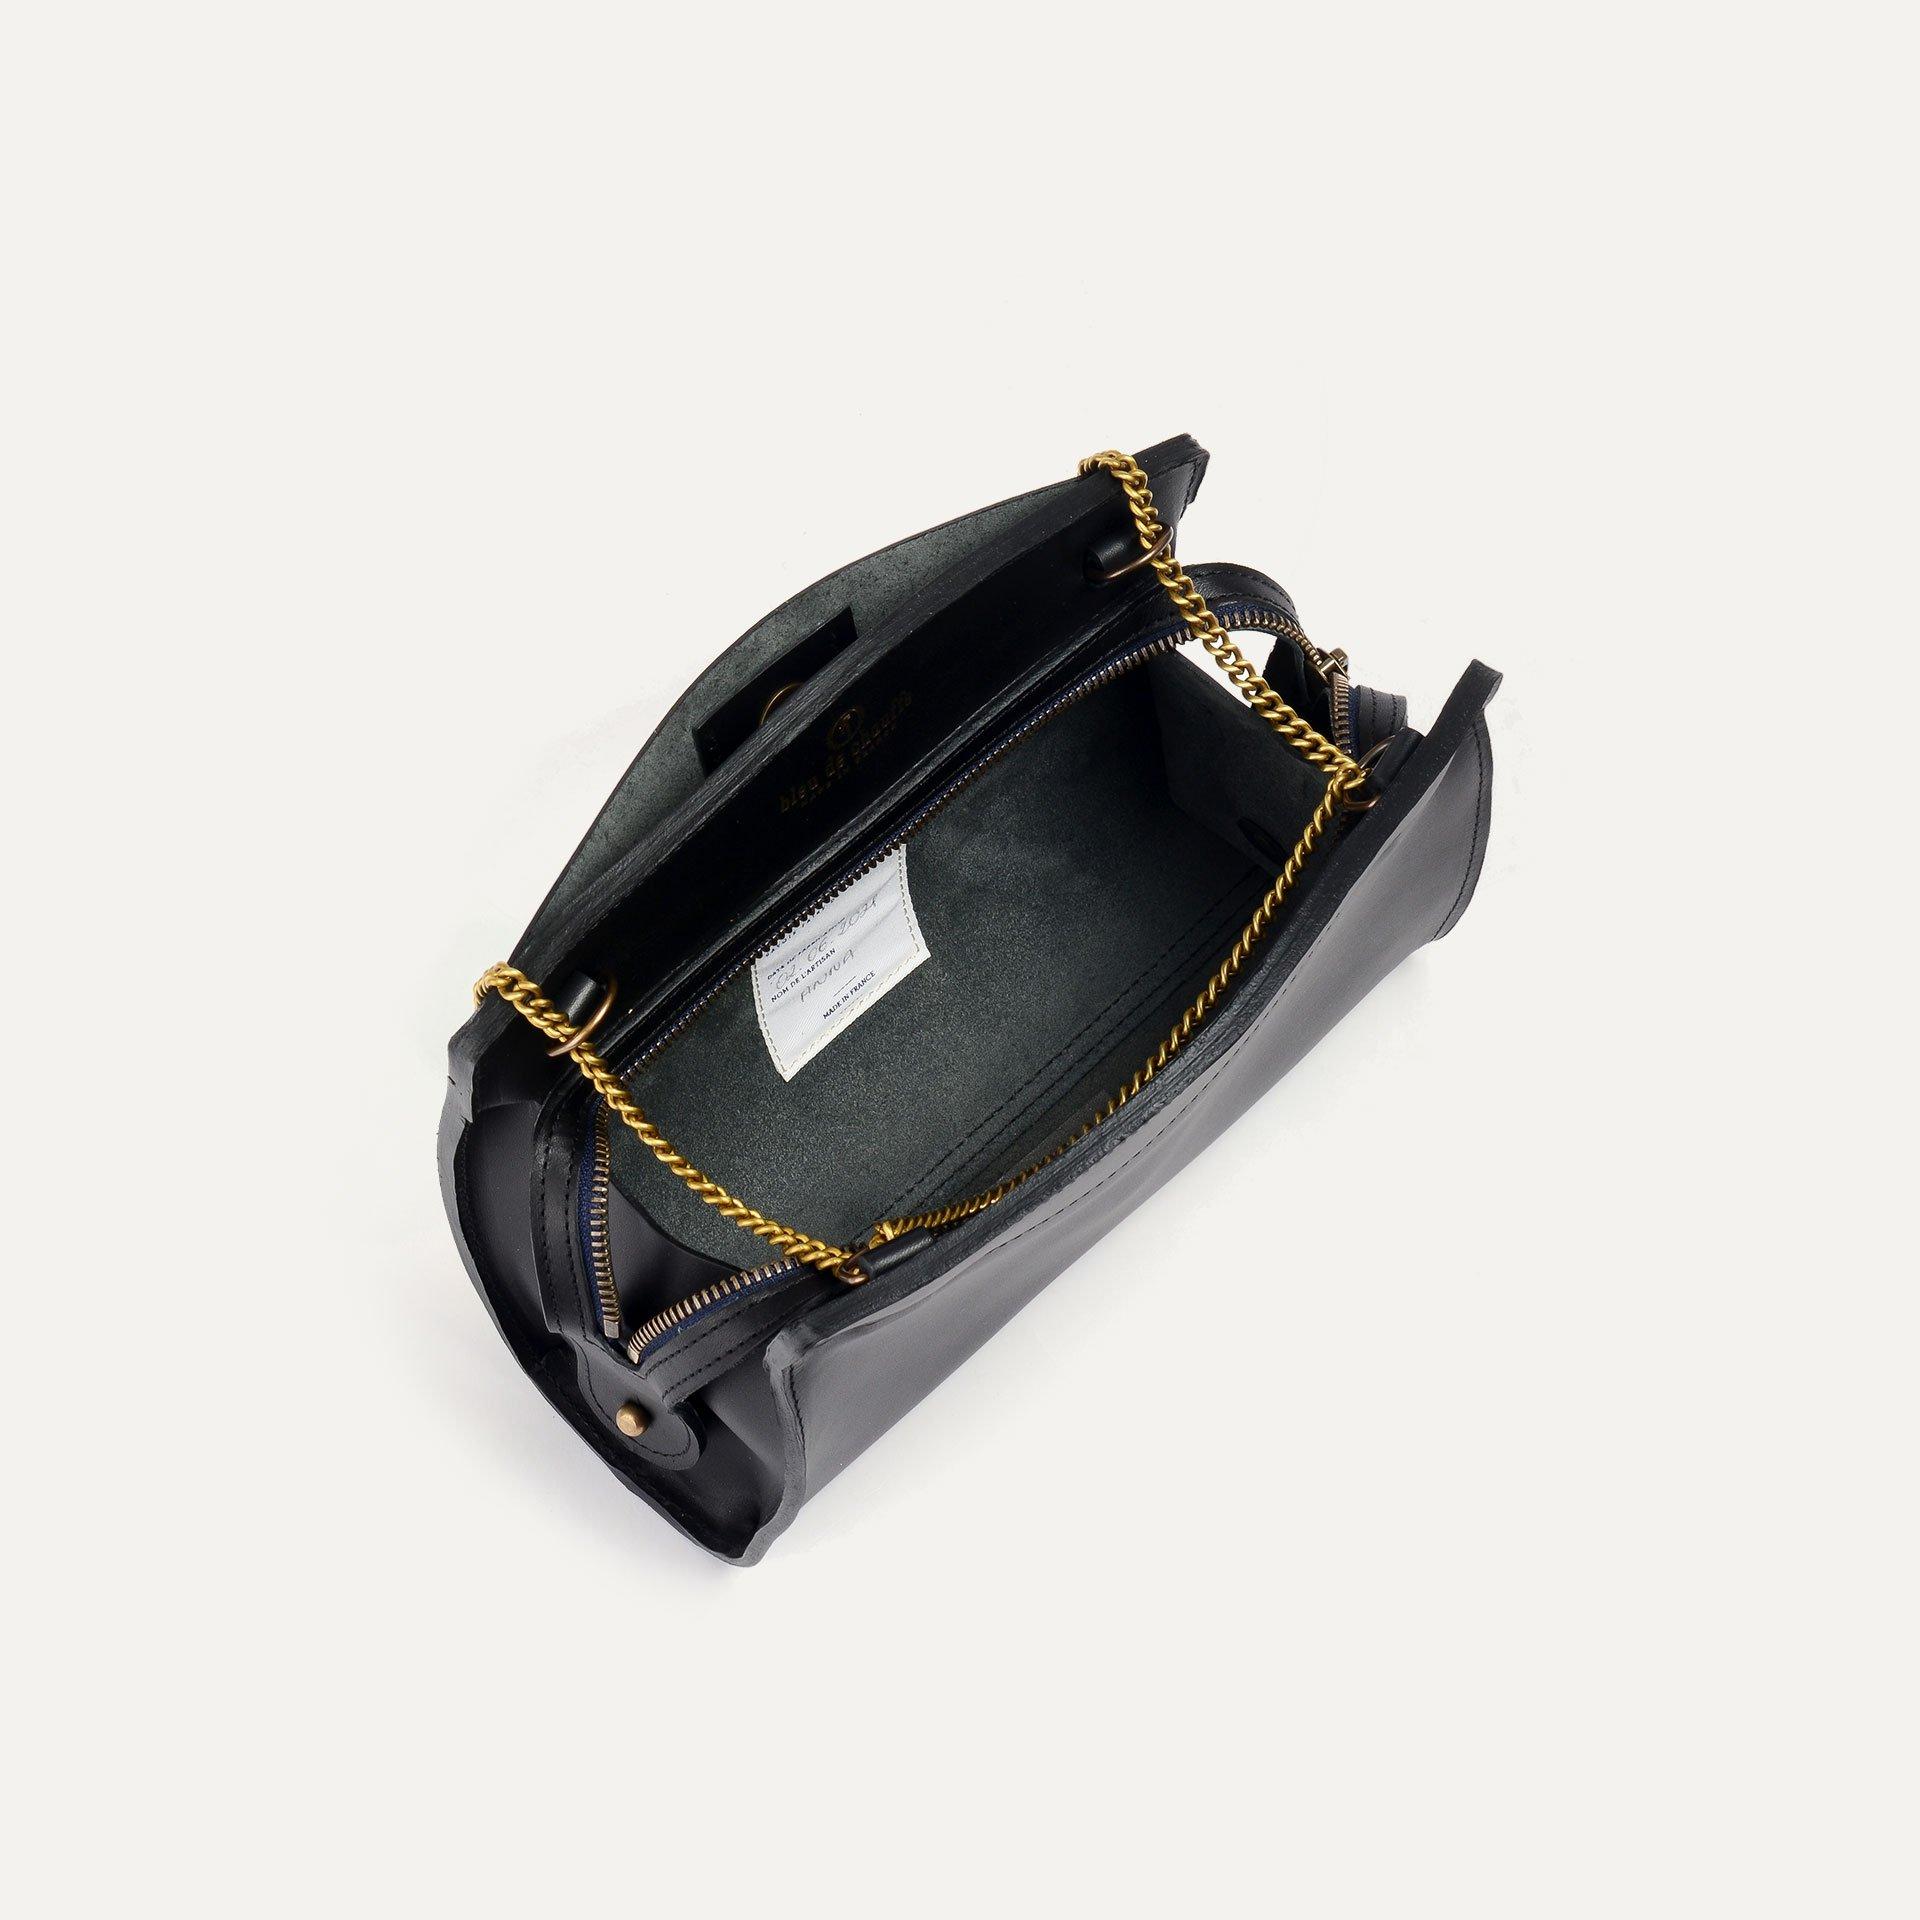 ORIGAMI S zipped clutch - Black (image n°5)